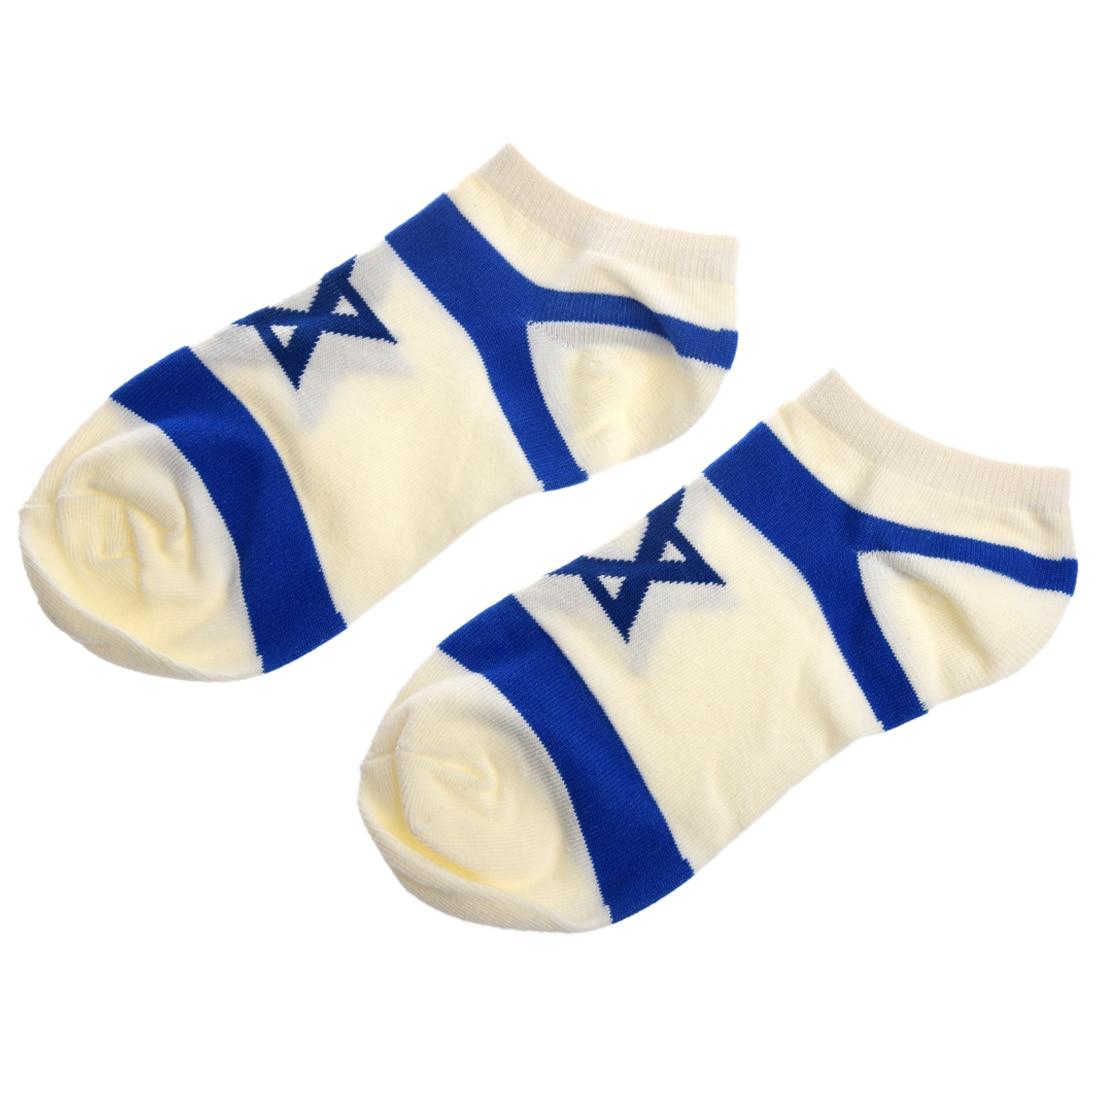 Pair Of Stylish Star Israel Flag Pattern Socks For Men